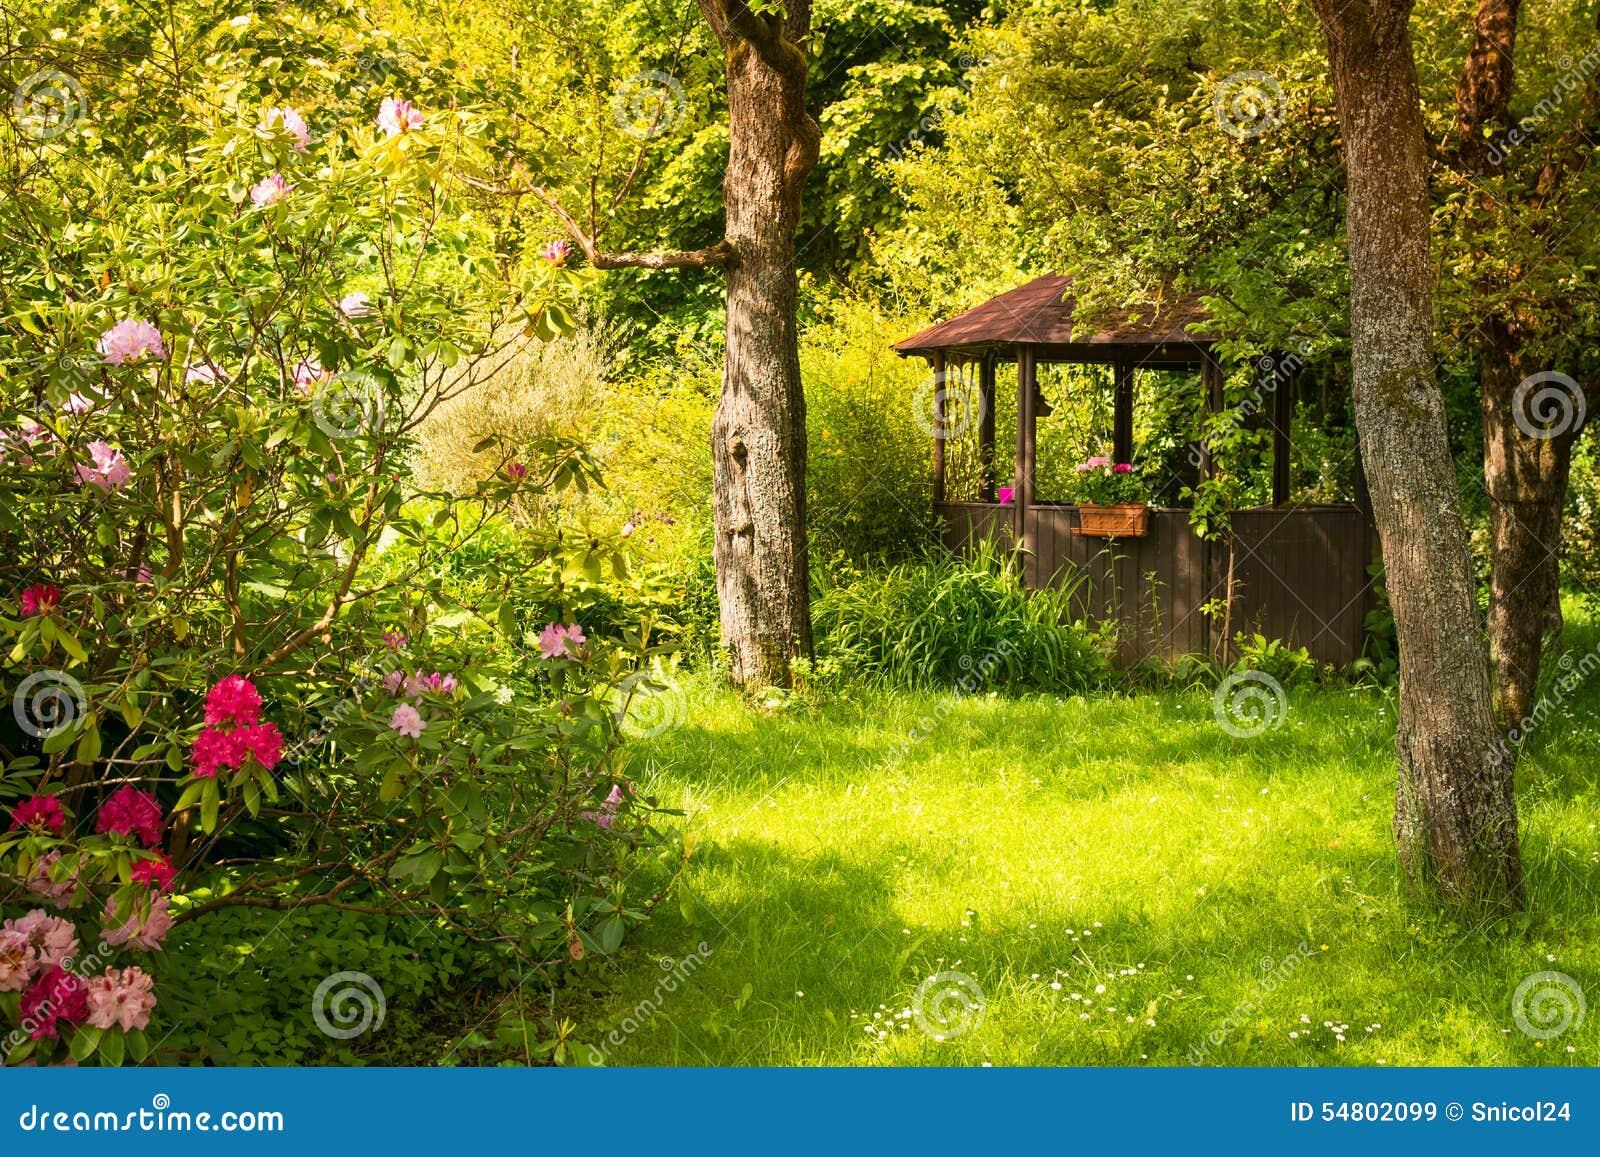 De Magische Tuin : Magische tuin stock afbeelding afbeelding bestaande uit